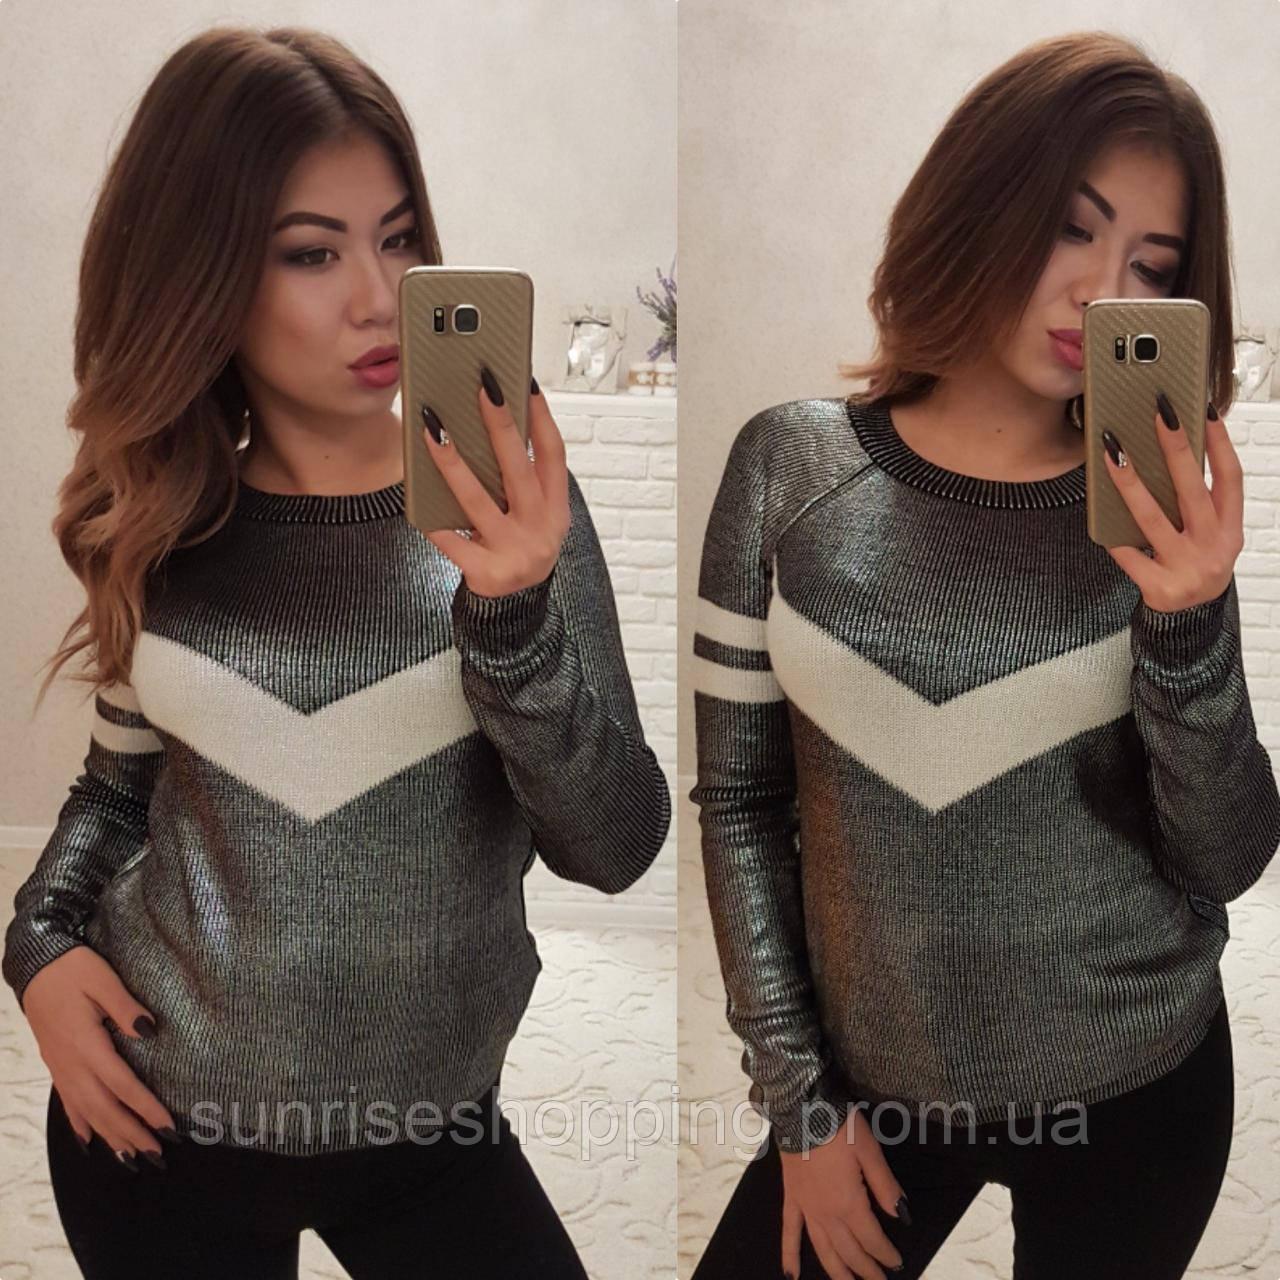 Стильный свитер, кофта